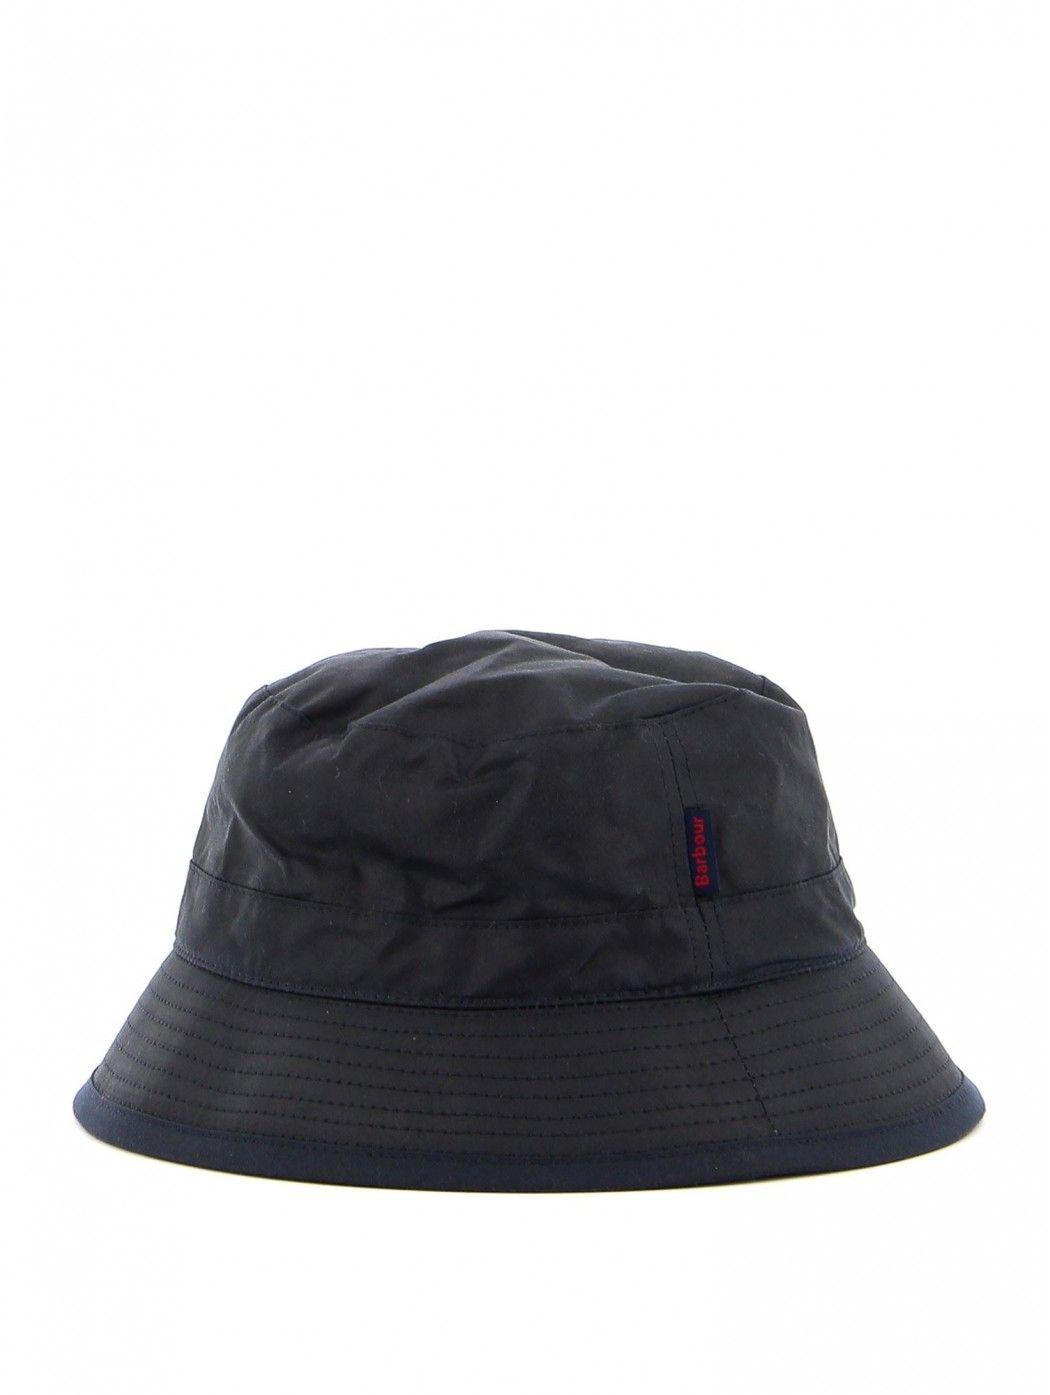 WAX SPORT CAP BARBOUR MHA0001 NY91